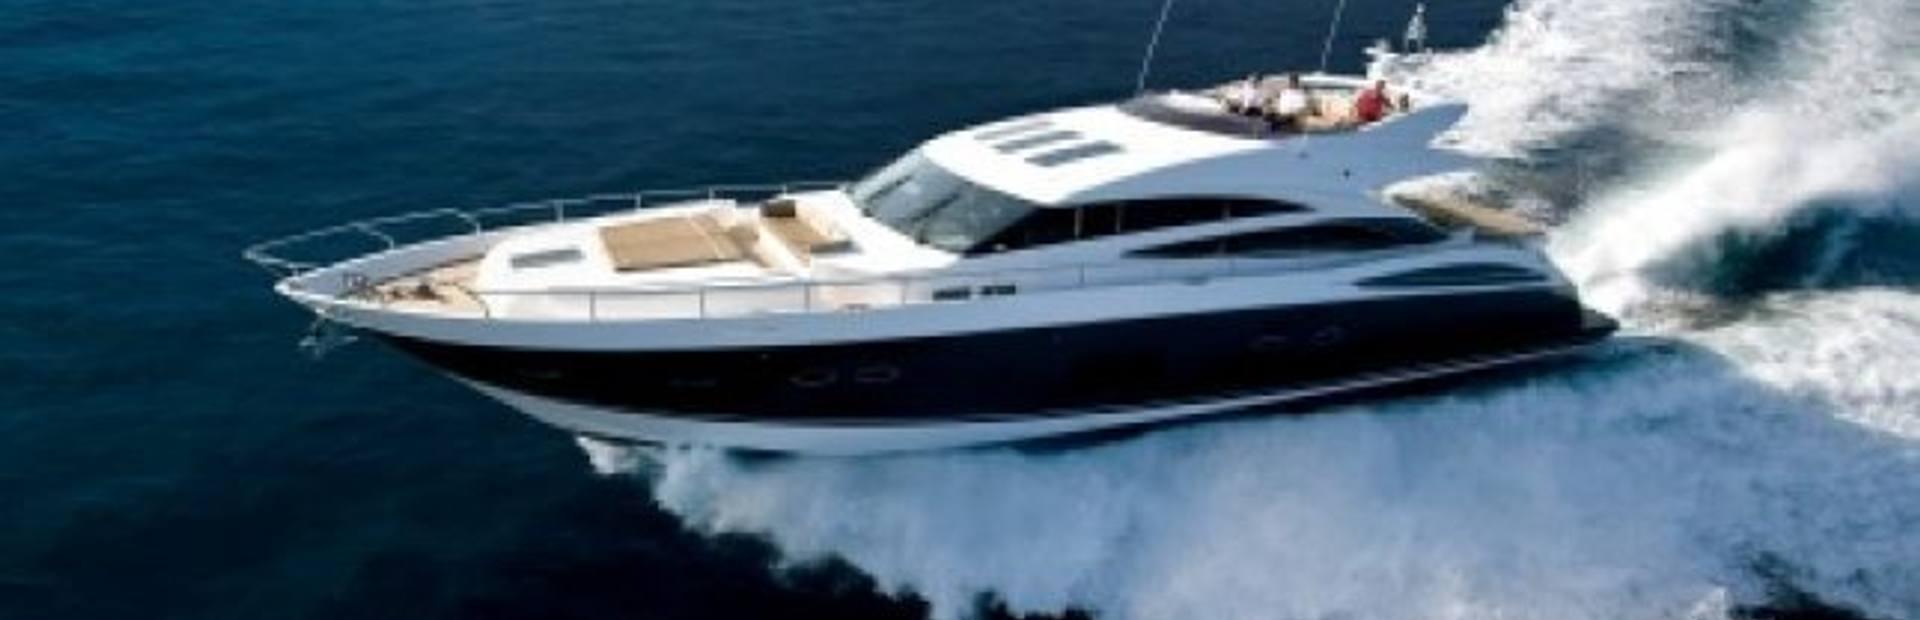 Princess V85-S Yacht Charter